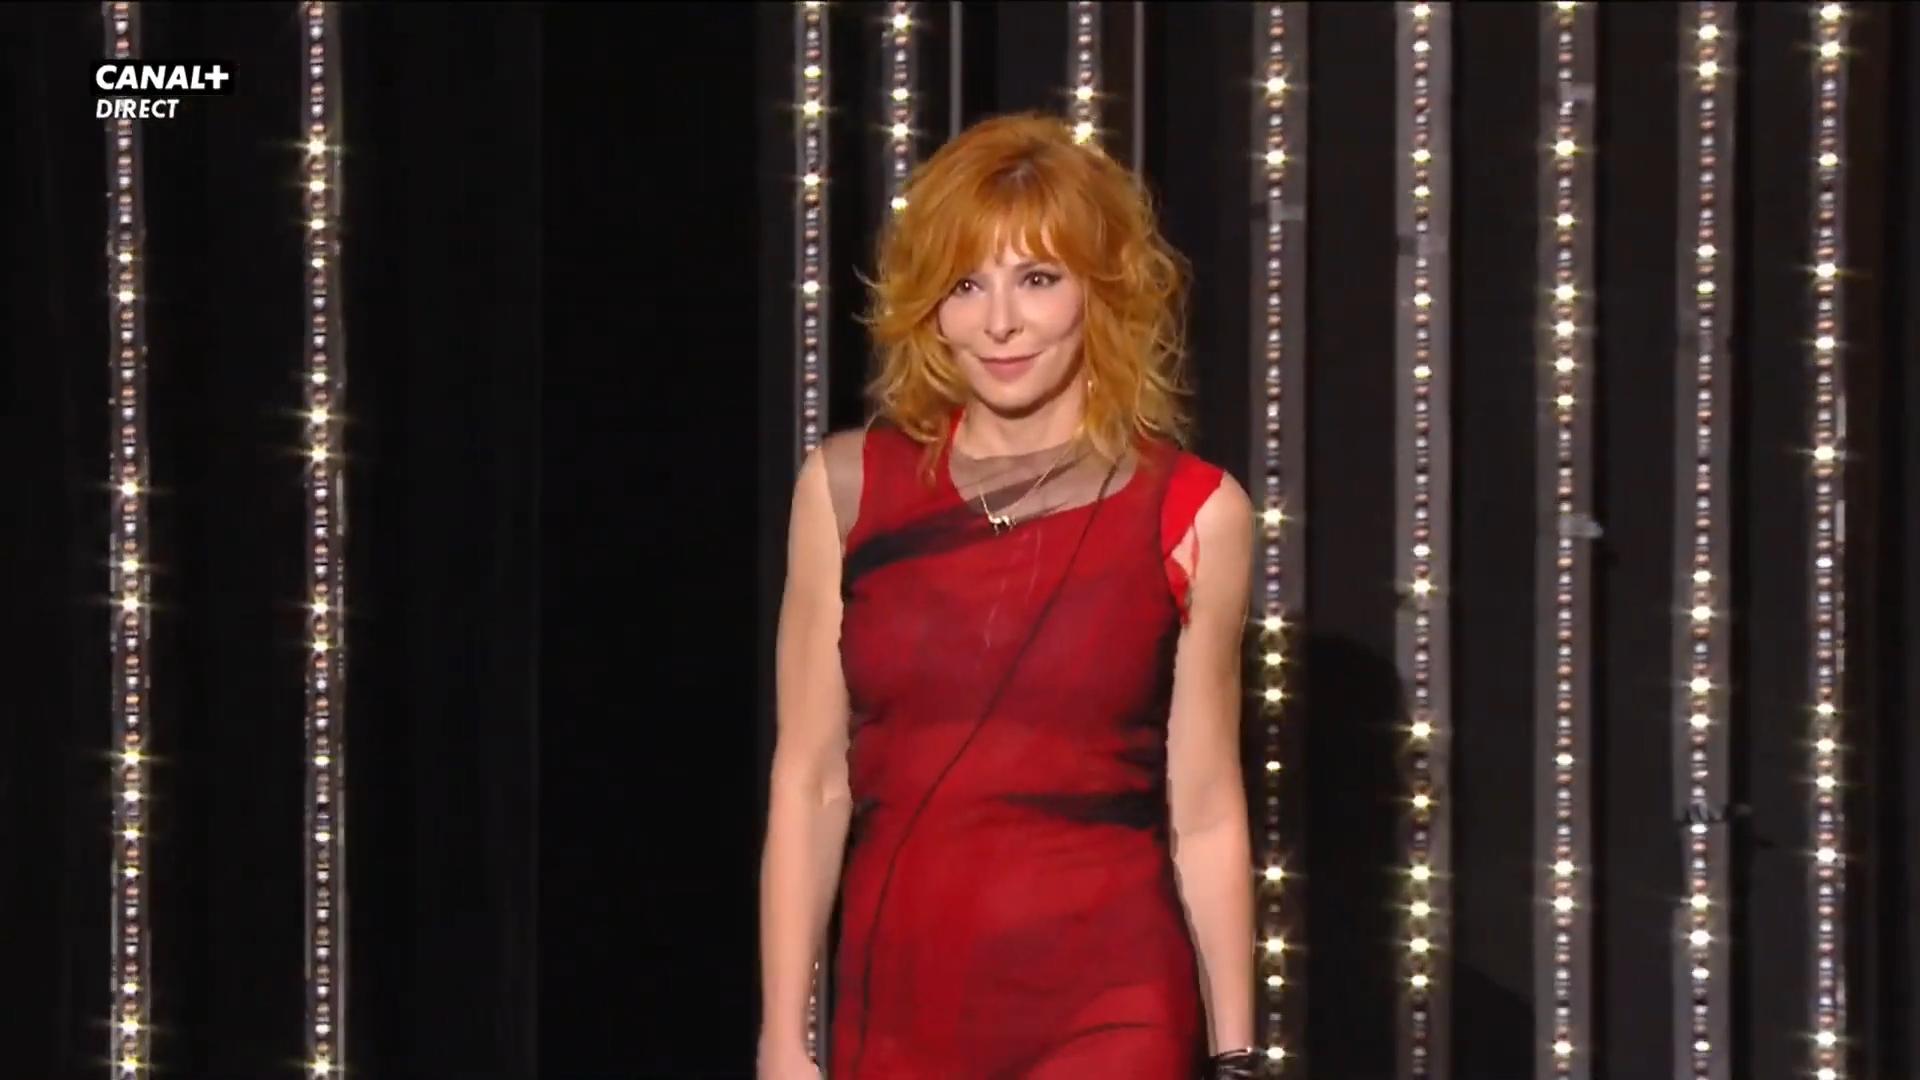 Présentation et entrée de Mylène Farmer dans la salle du Festival de Cannes